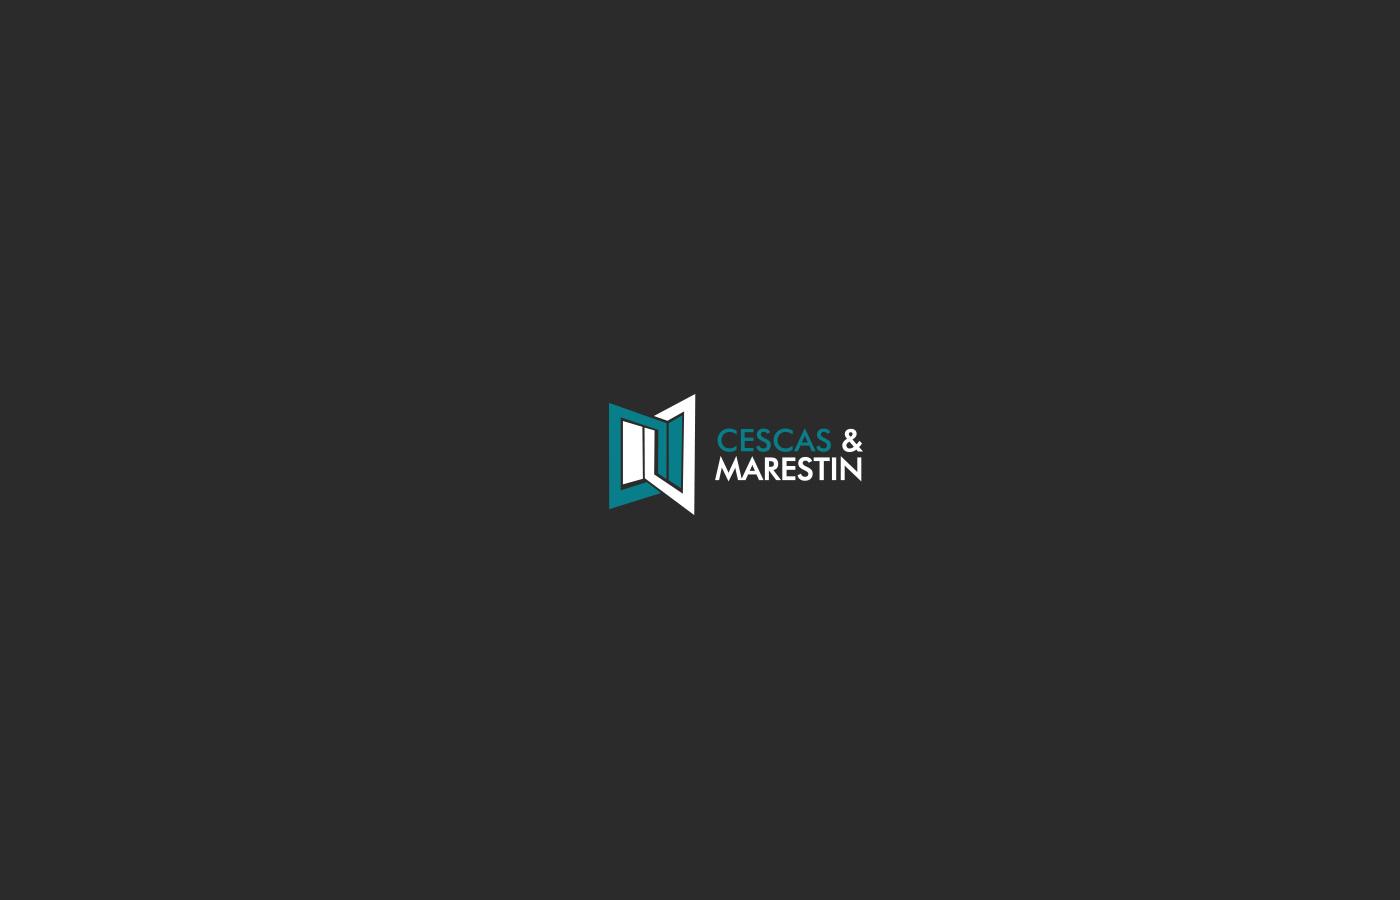 Totem - Enseignes et signalétique - Cescas & Marestin